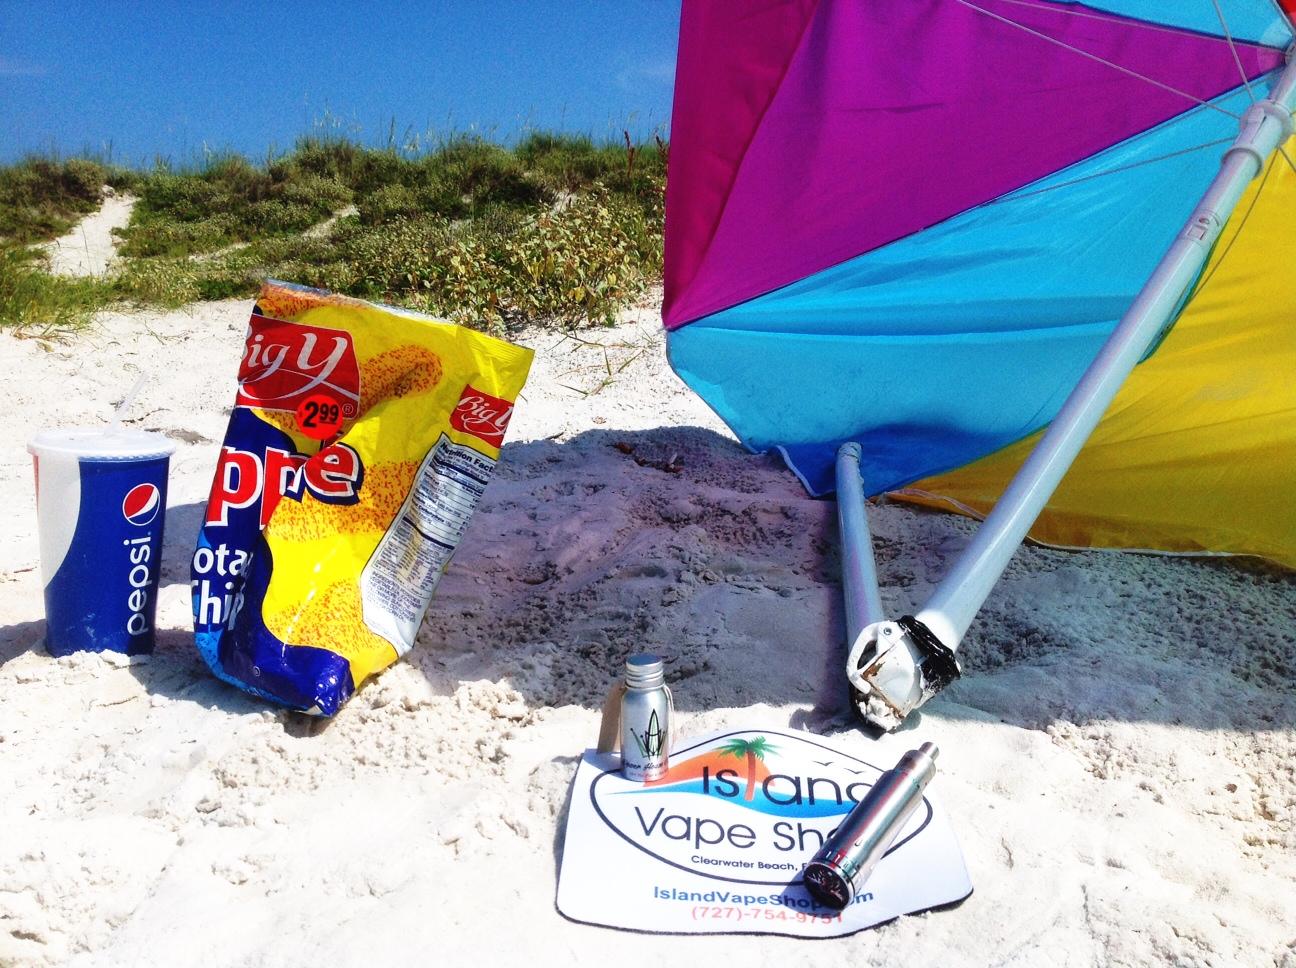 island_vape_shop_hades_tugboat_clearwater_beach.jpeg